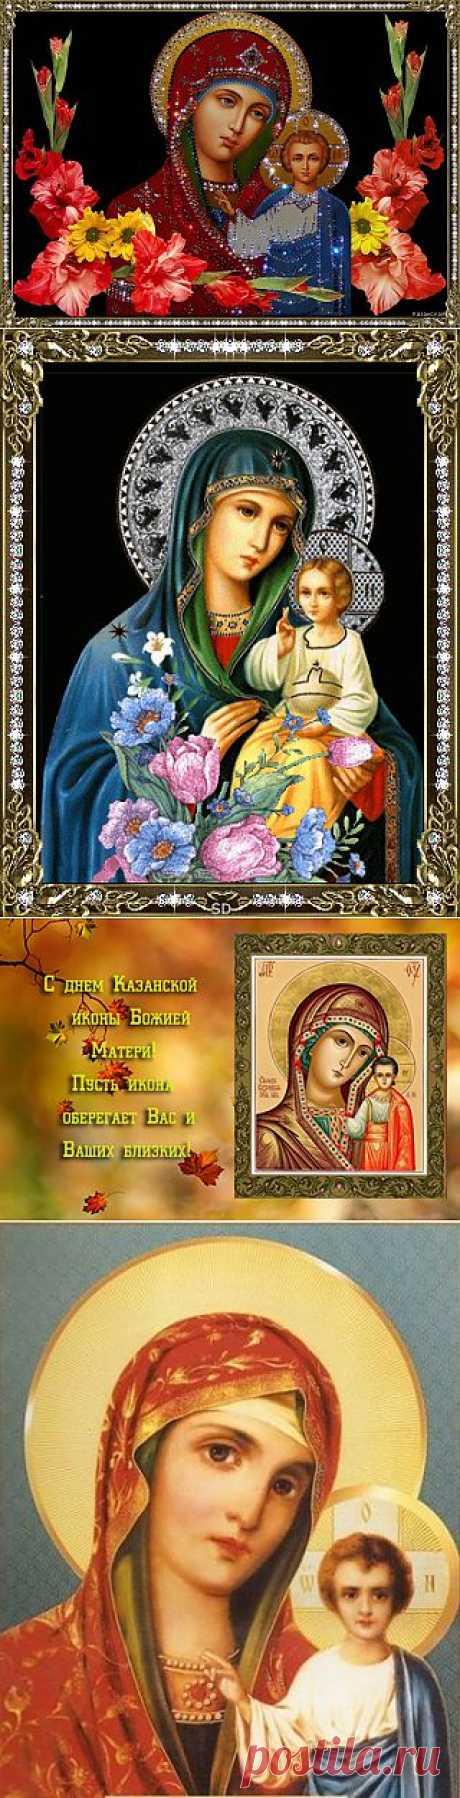 C праздником Казанской иконы Божией Матери!